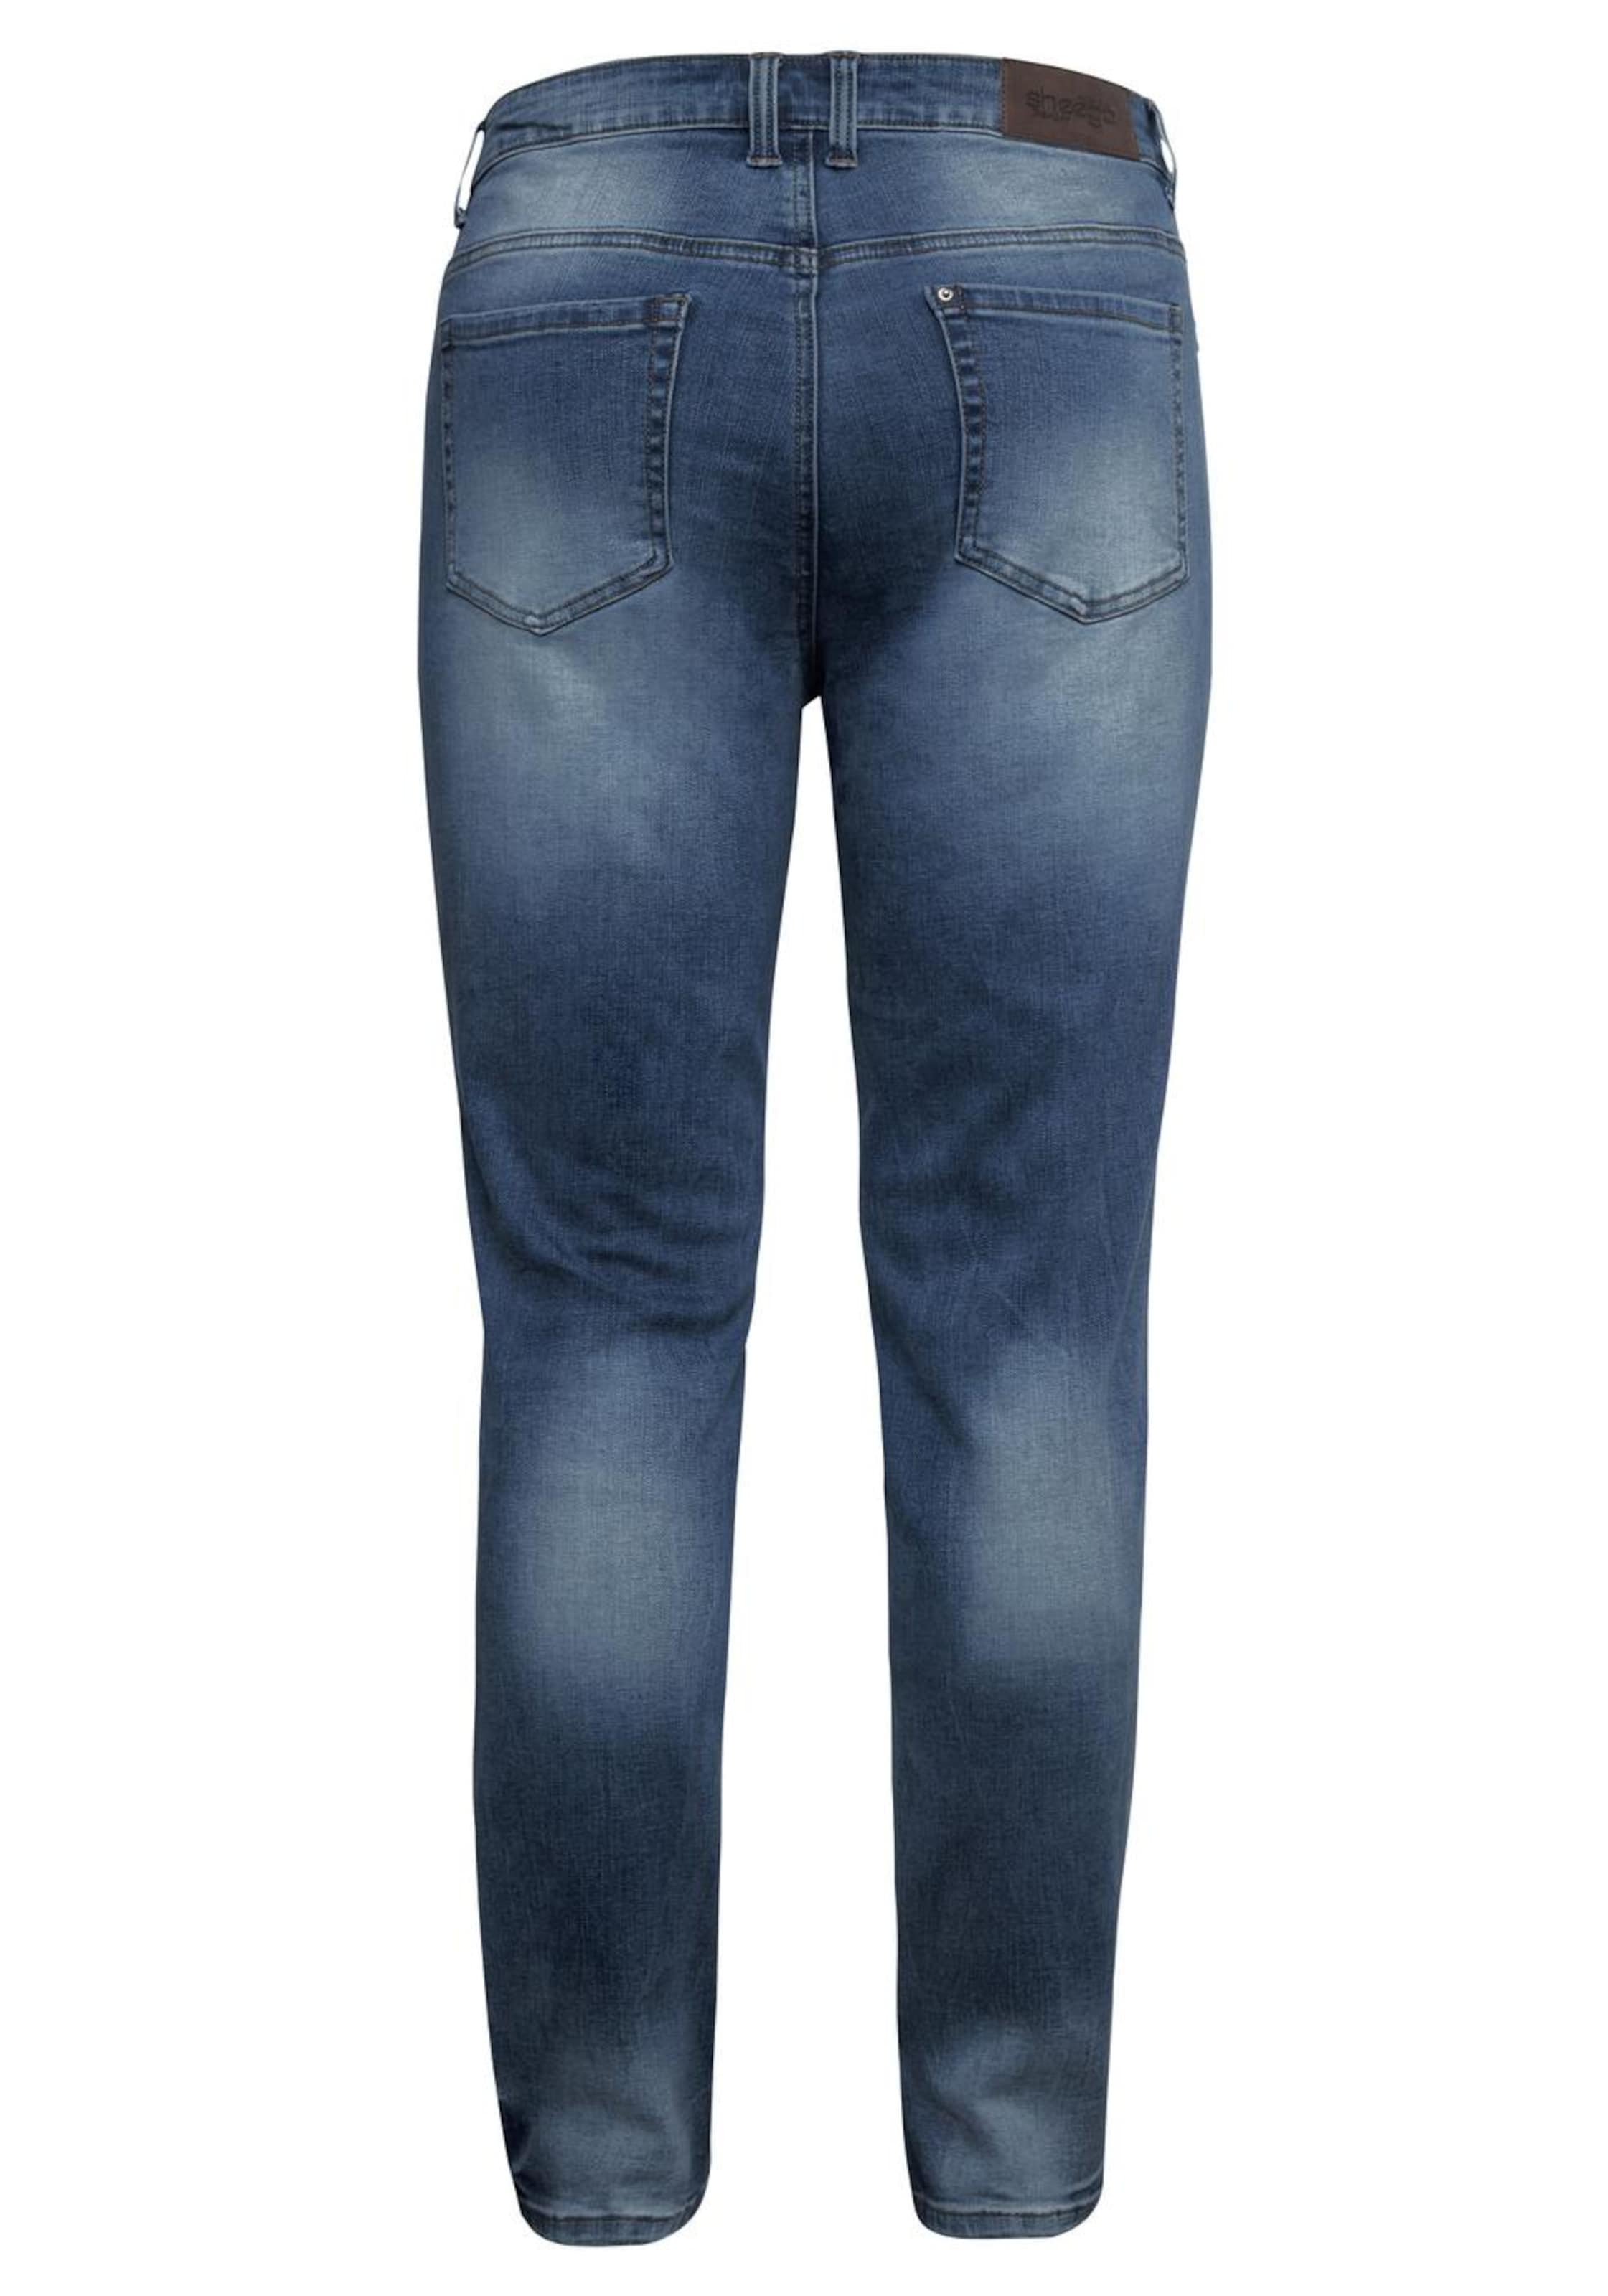 Jeans Sheego Jeans In Sheego In Blau Blau Sheego In Jeans 76ygmvIYbf